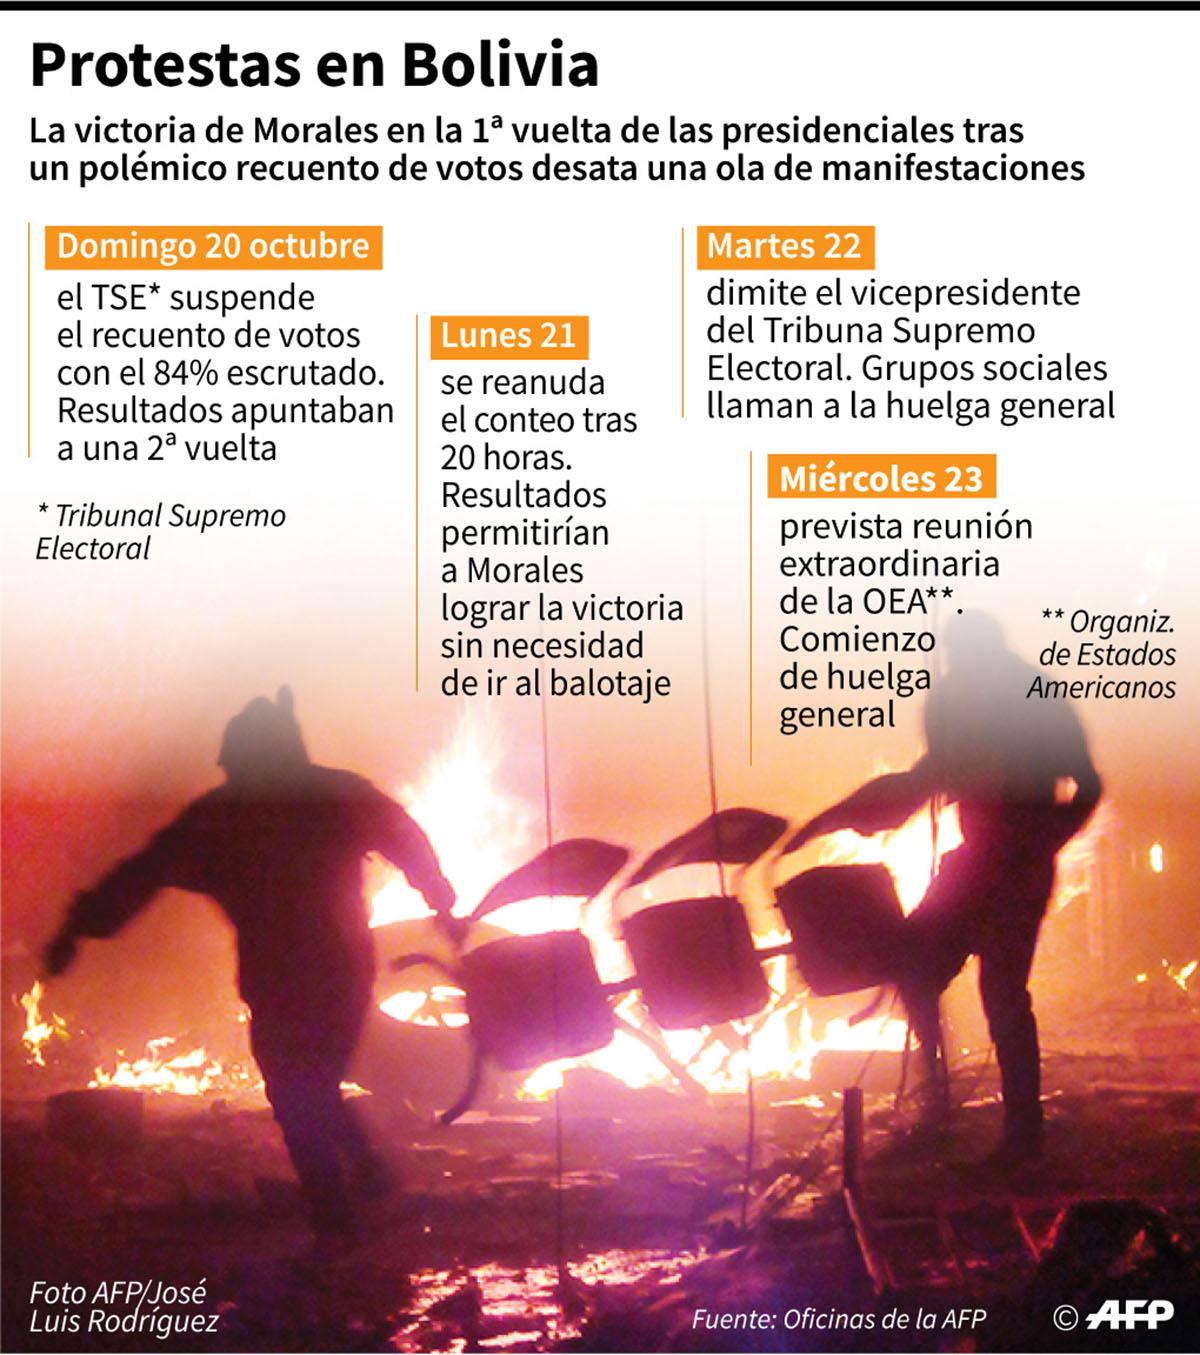 Cronología de las protestas en Bolivia, que comenzaron el domingo 20 de octubre tras un polémico recuento de votos en la 1ª vuelta de las elecciones. (Infografía: AFP)